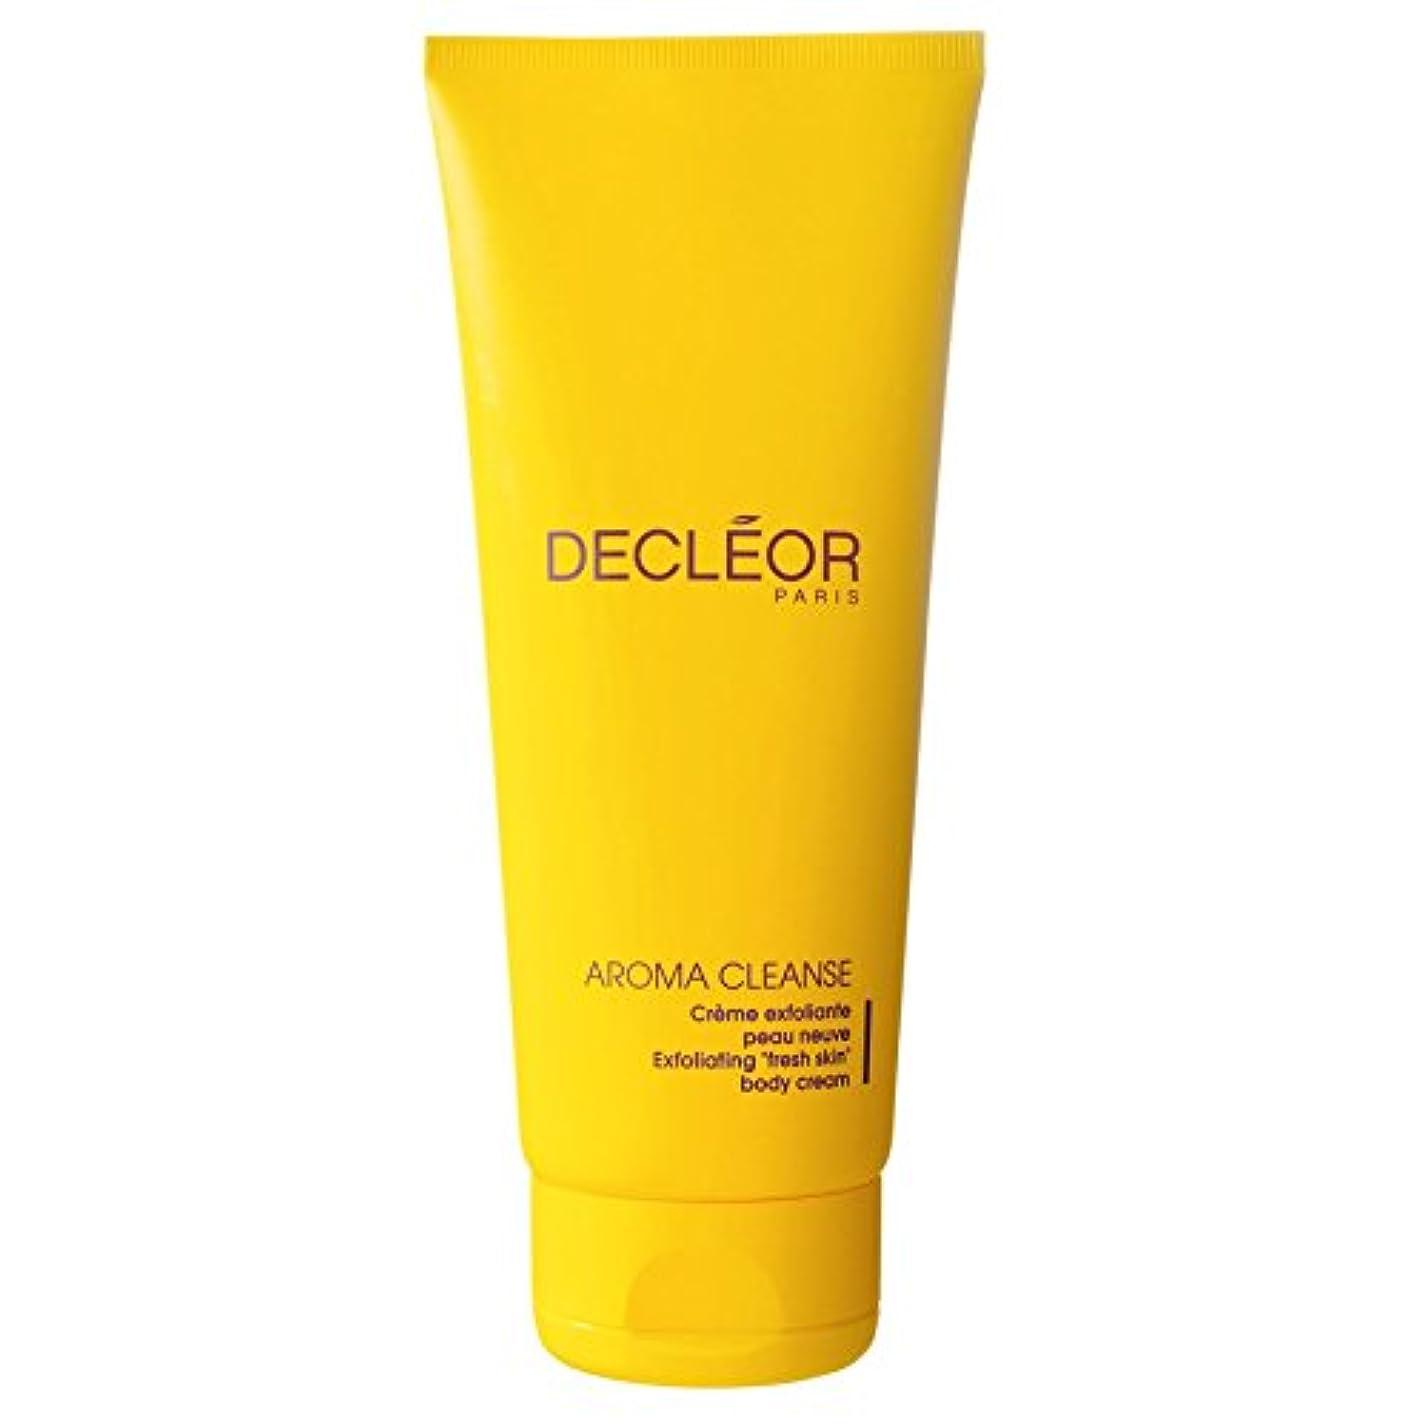 レインコート換気する所有権[Decl?or ] デクレオール角質除去ボディクリーム200ミリリットル - Decl?or Exfoliating Body Cream 200ml [並行輸入品]